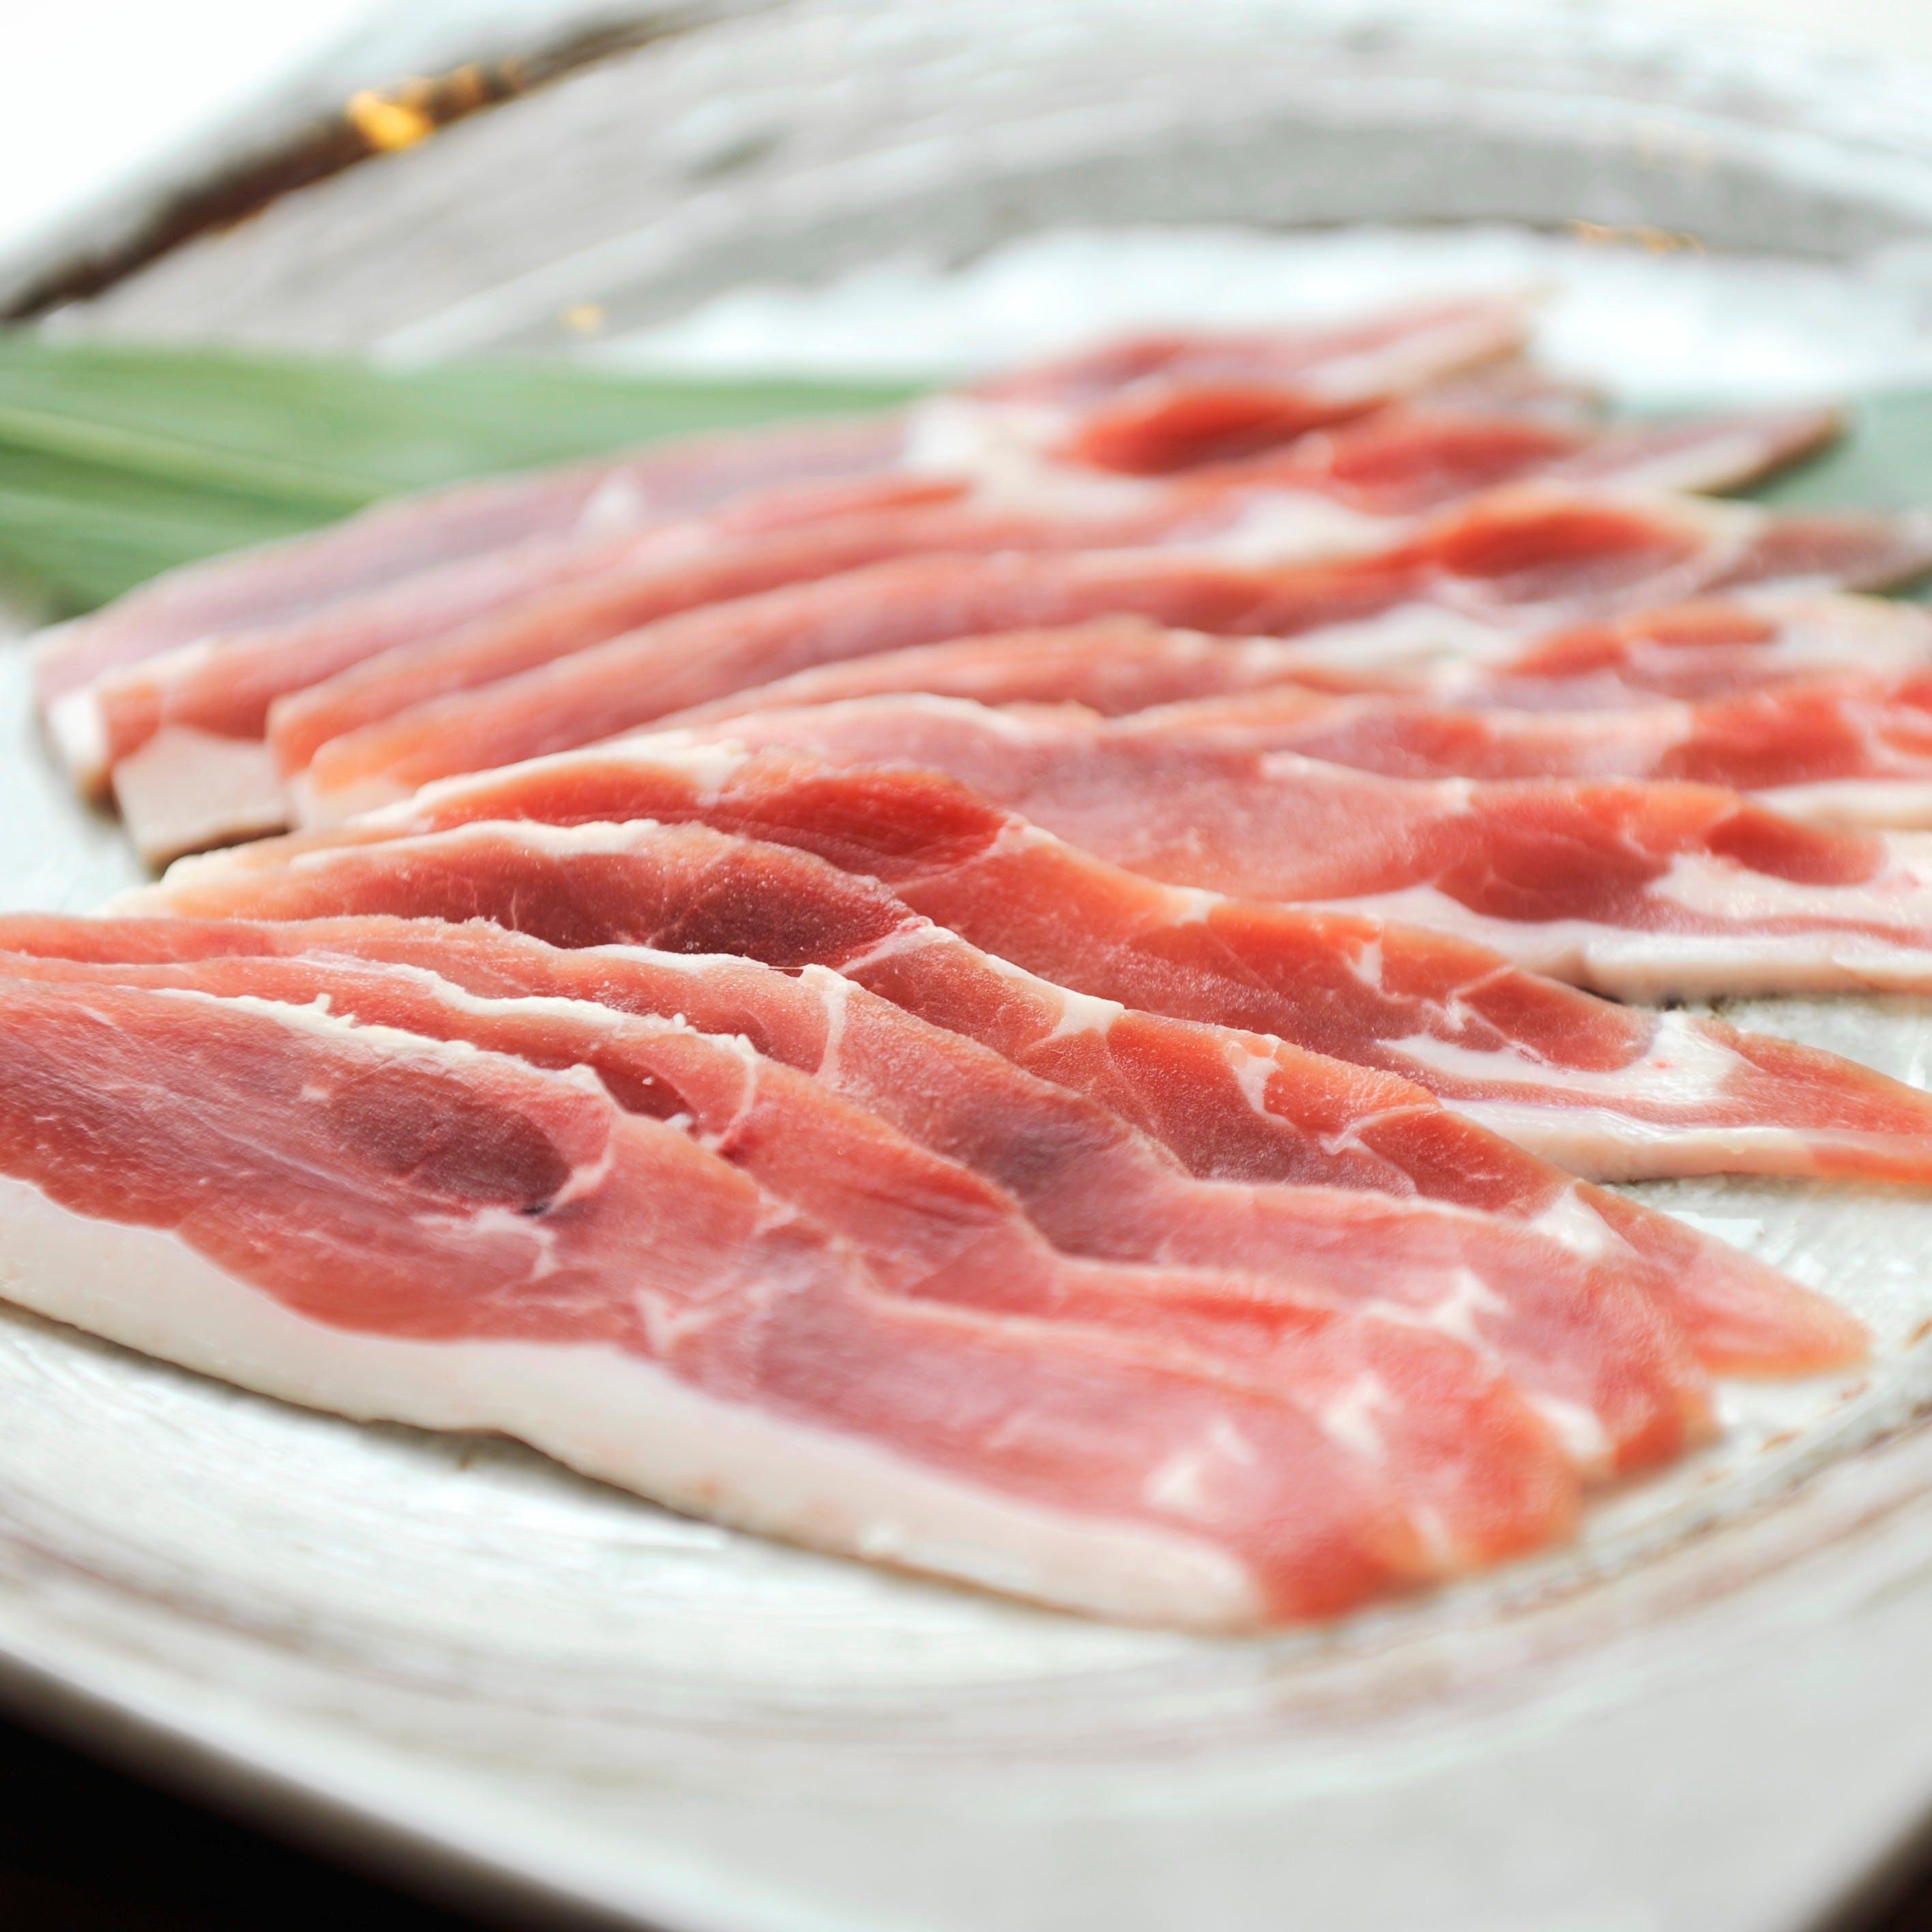 鉄分豊富・ブランド鴨を使用した豊富な鴨料理